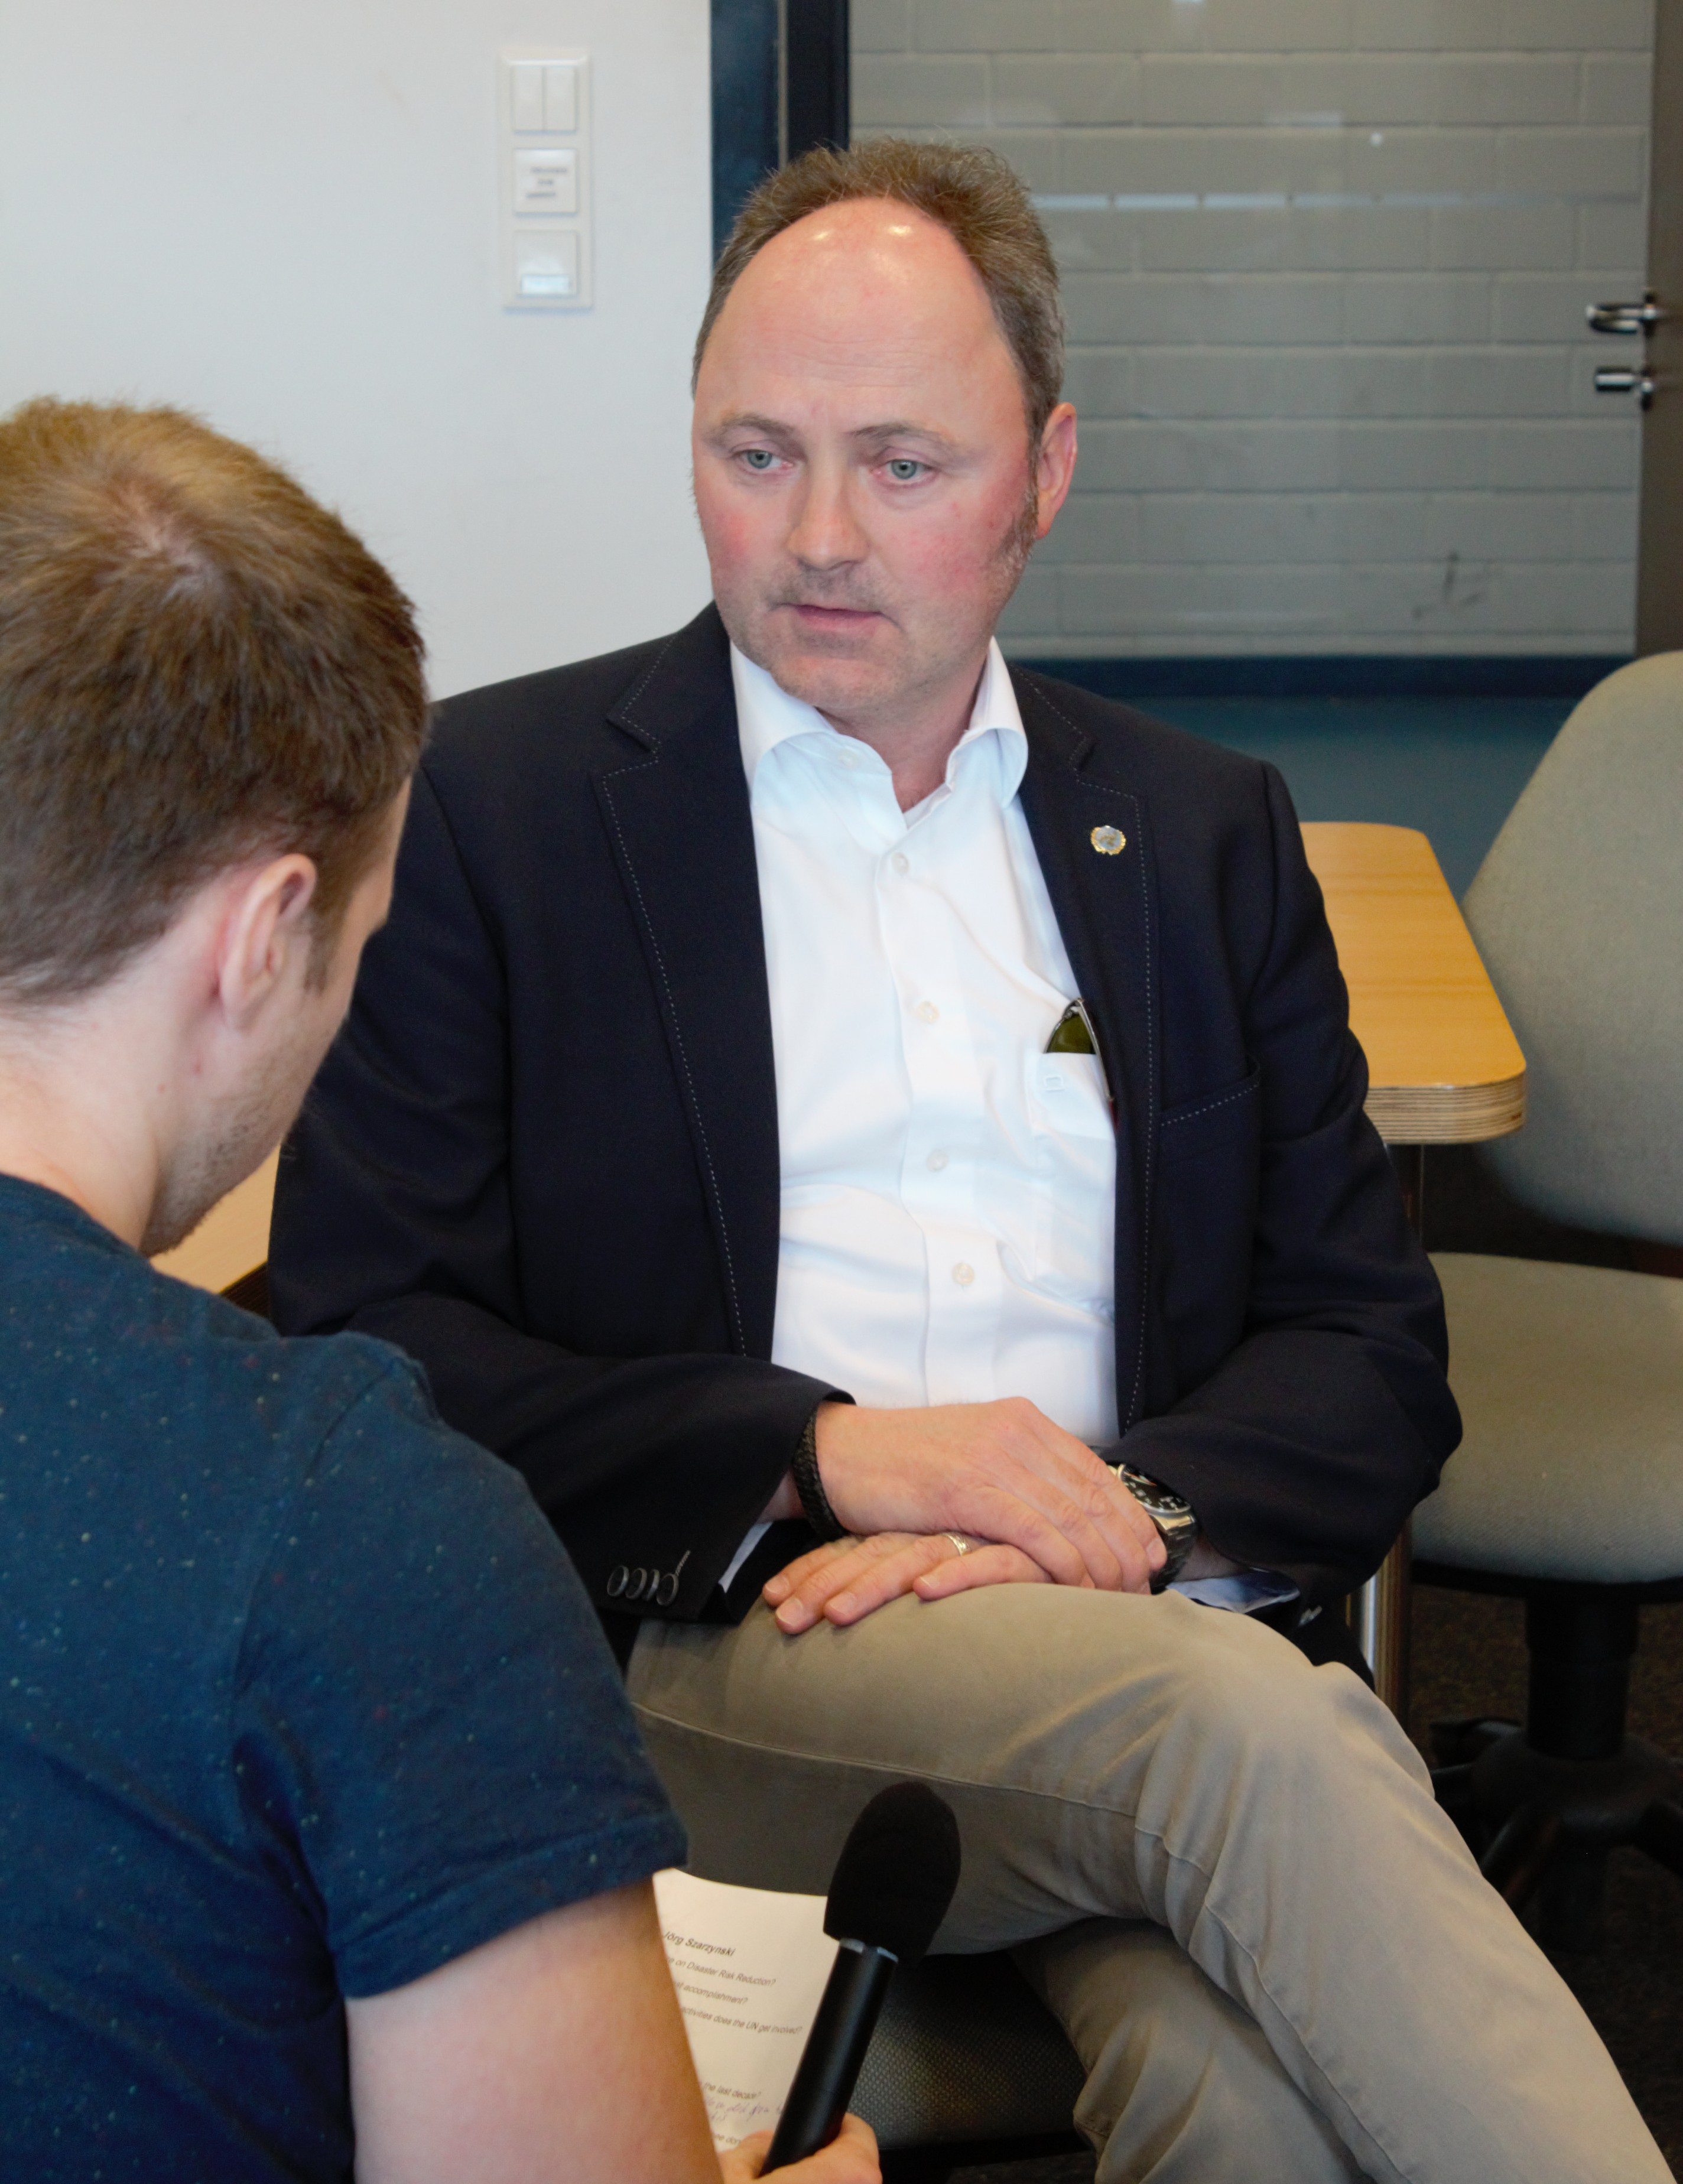 Dr. Szarzynski im Interview mit einem Studenten des Studiengangs Technikjournalismus/PR